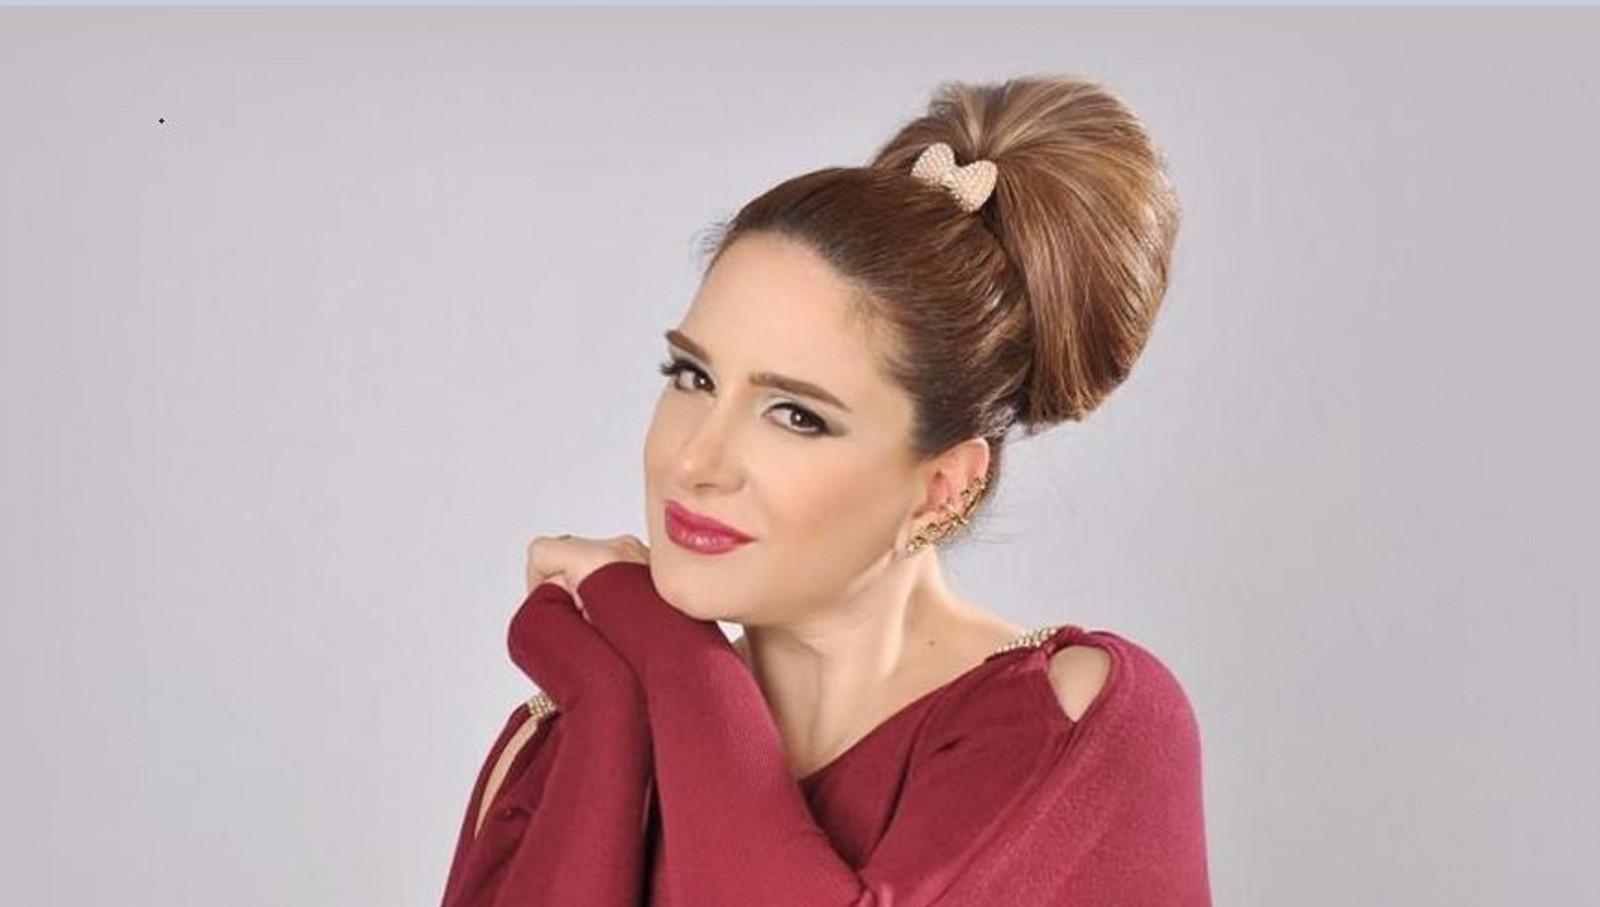 ميرنا وليد من أصول لبنانية وأحمد زكي تنبأ لها بنجومية كبيرة.. وماذا عن زواجها من ثري عربي؟